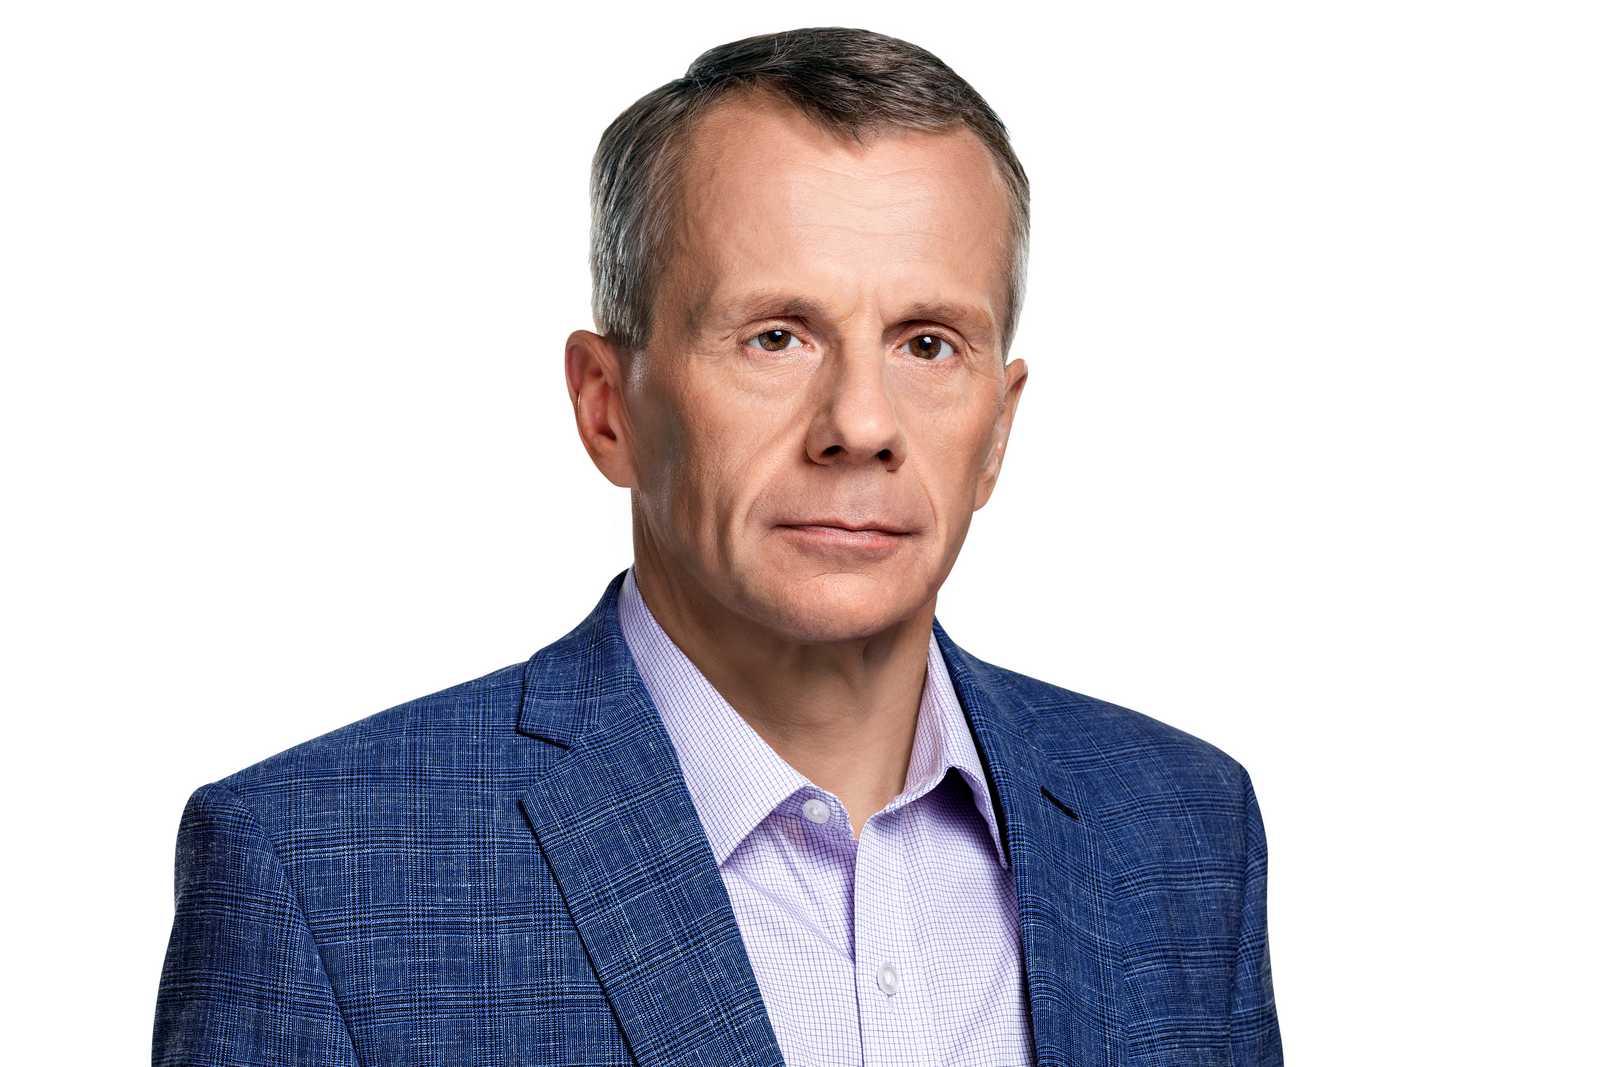 Jürgen Ligi: eelarve tuleb 2023. aastaks viia struktuursesse tasakaalu